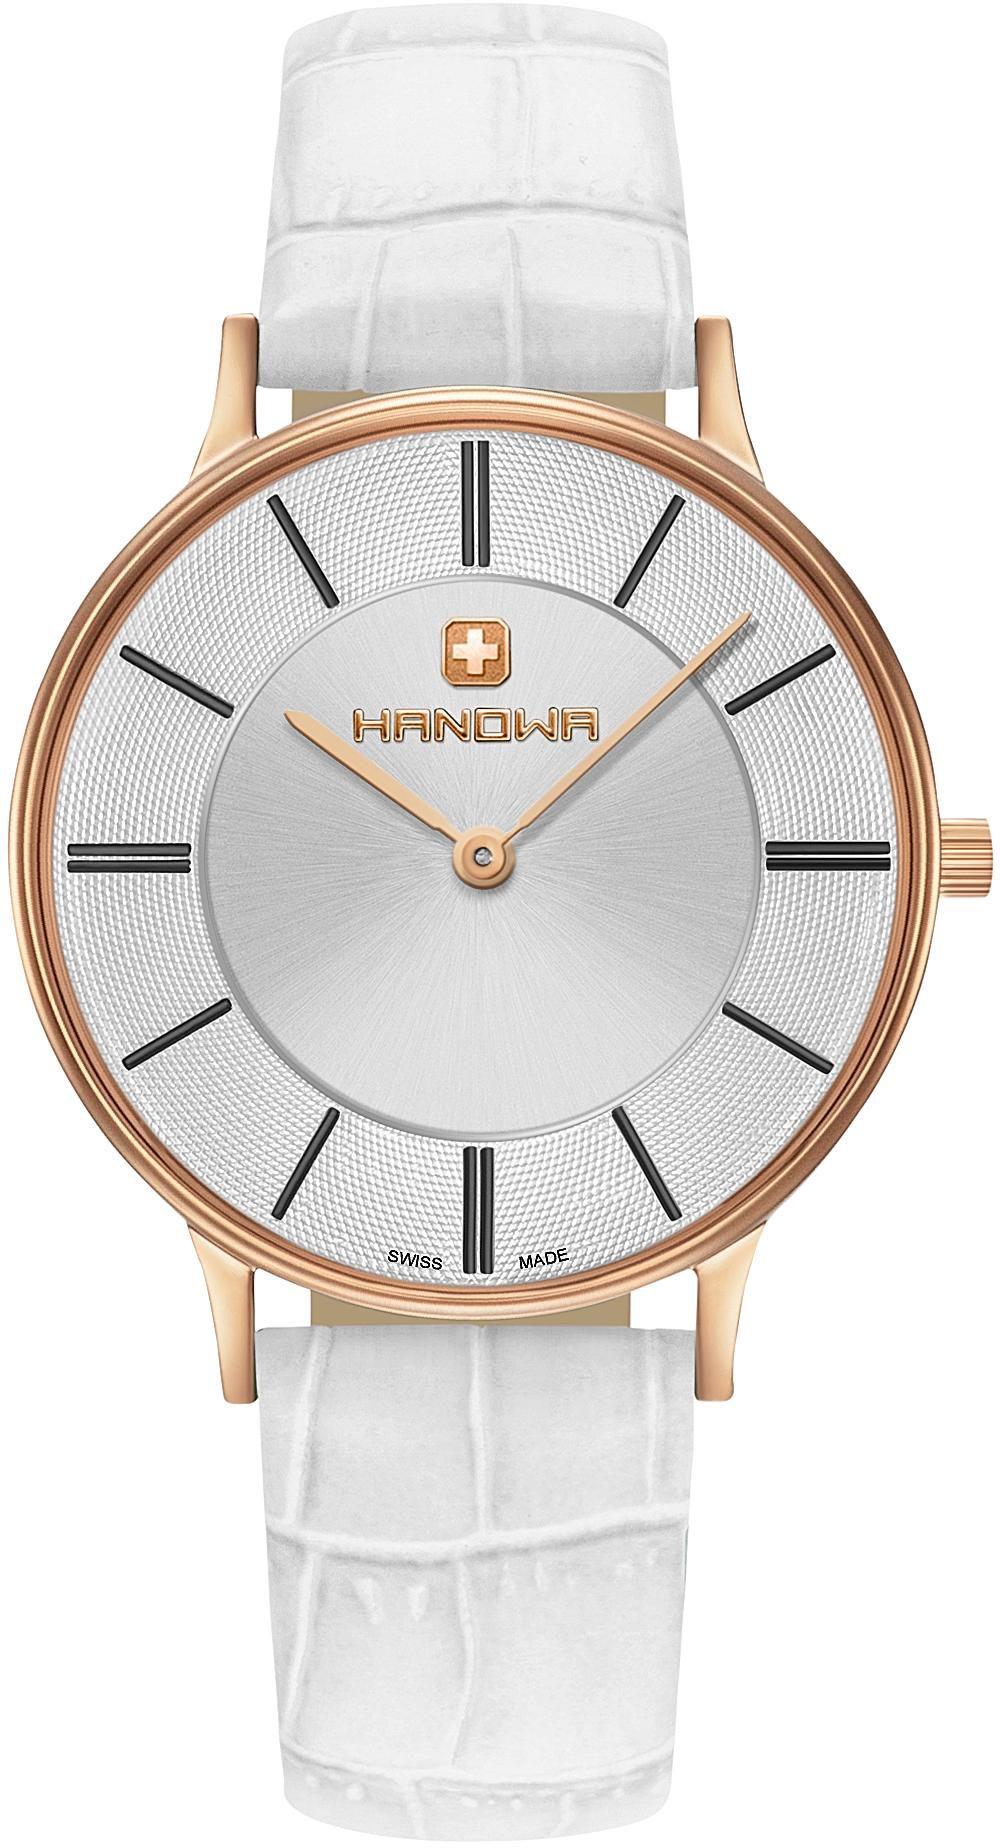 HANOWA Hanowa Schweizer Uhr »LUCY, 16-6070.09.001«